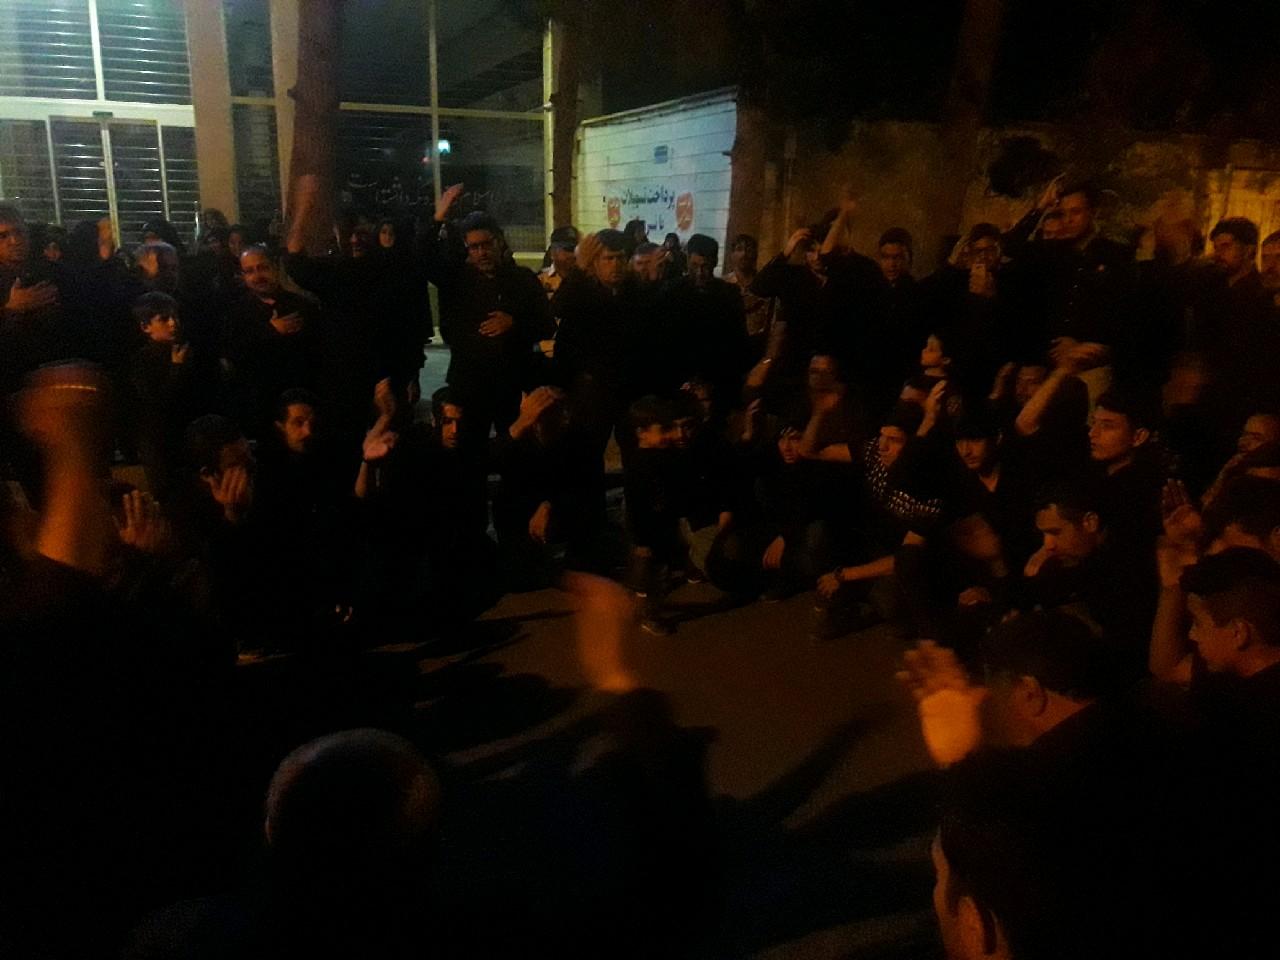 برگزاری مراسم شام غریبان اباعبدالله الحسین(ع) در شهر خواف